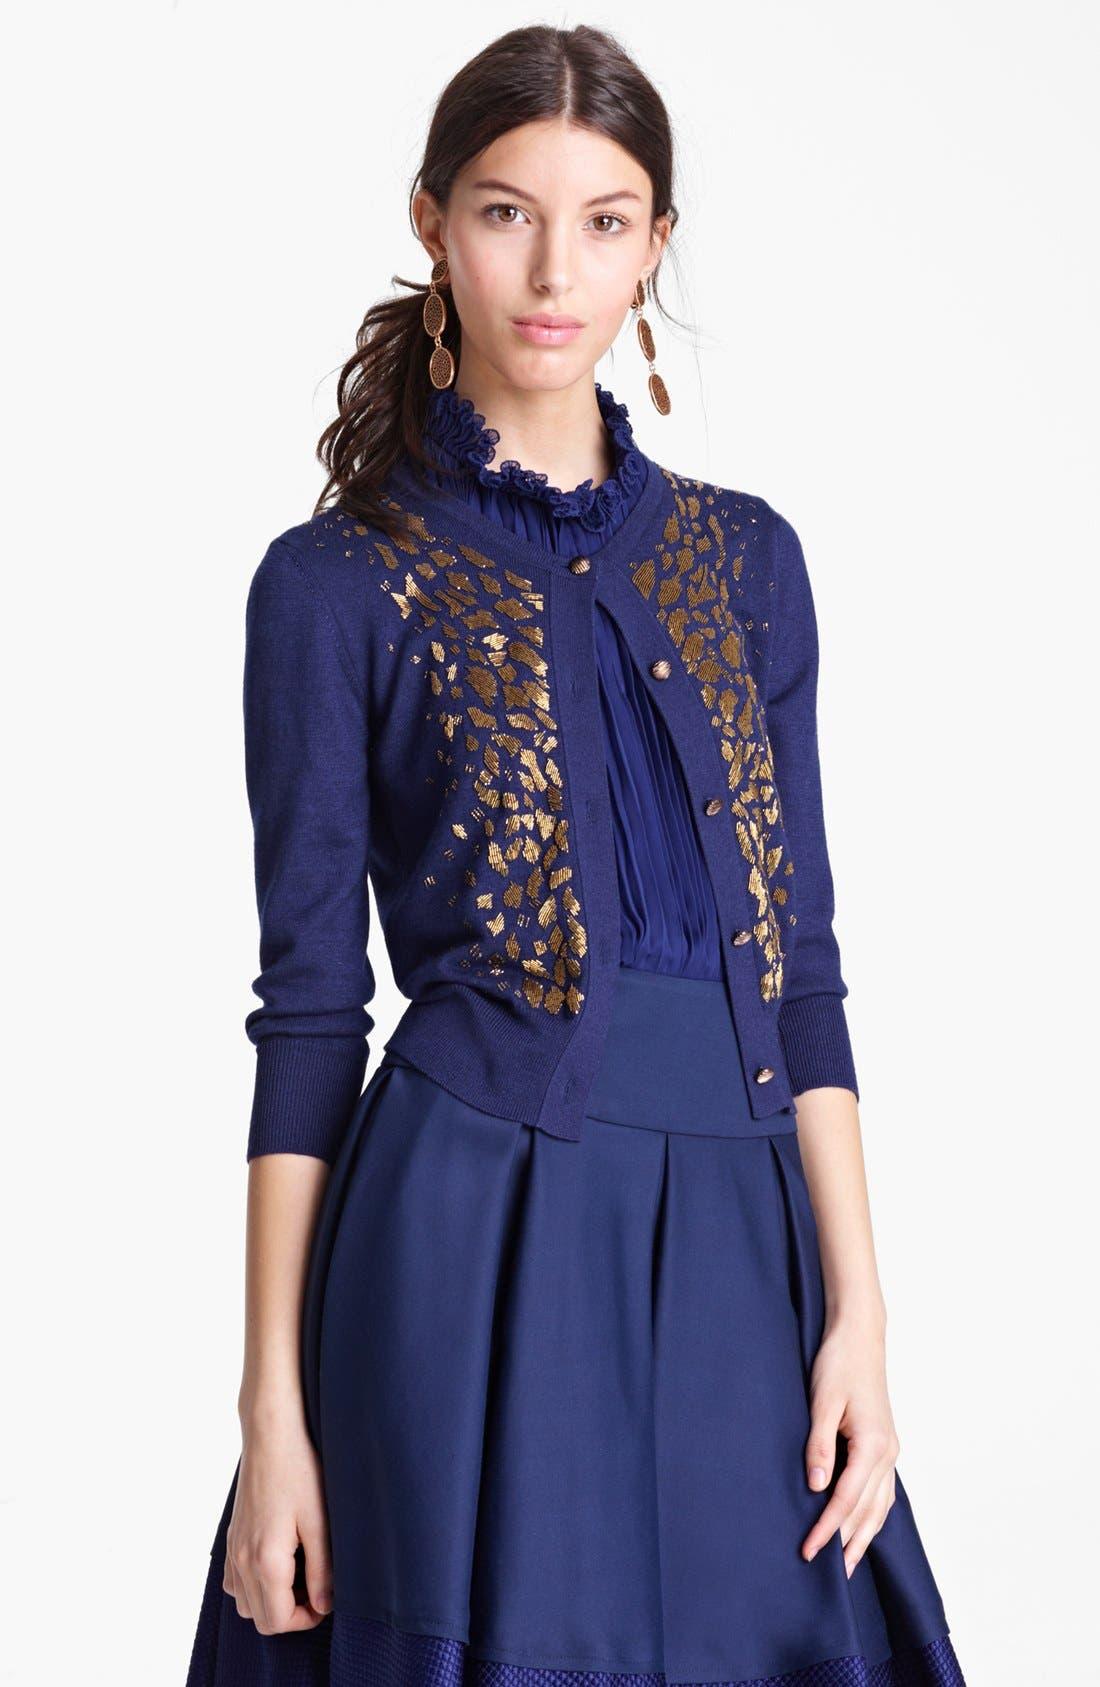 Main Image - Oscar de la Renta Embroidered Cashmere & Silk Cardigan